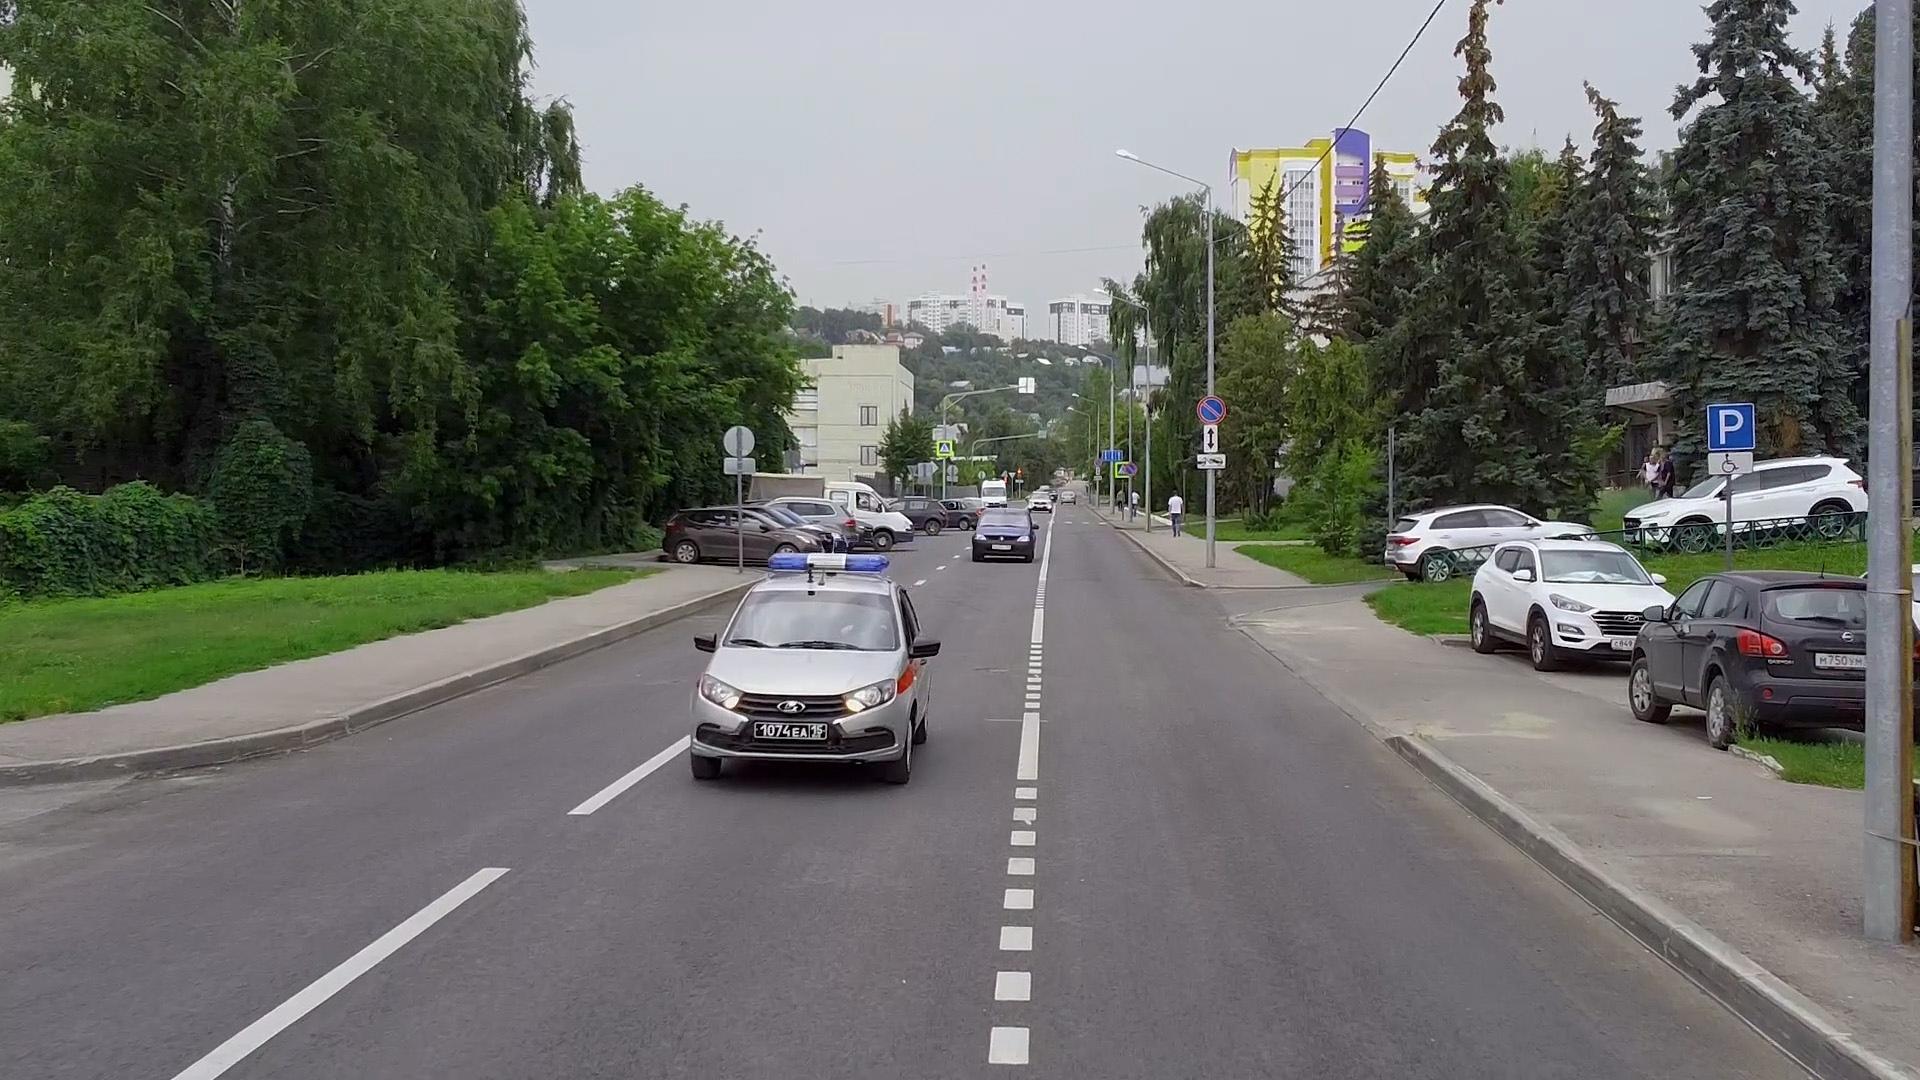 В Кузнецке задержан нетрезвый водитель, который выехал на встречную полосу движения